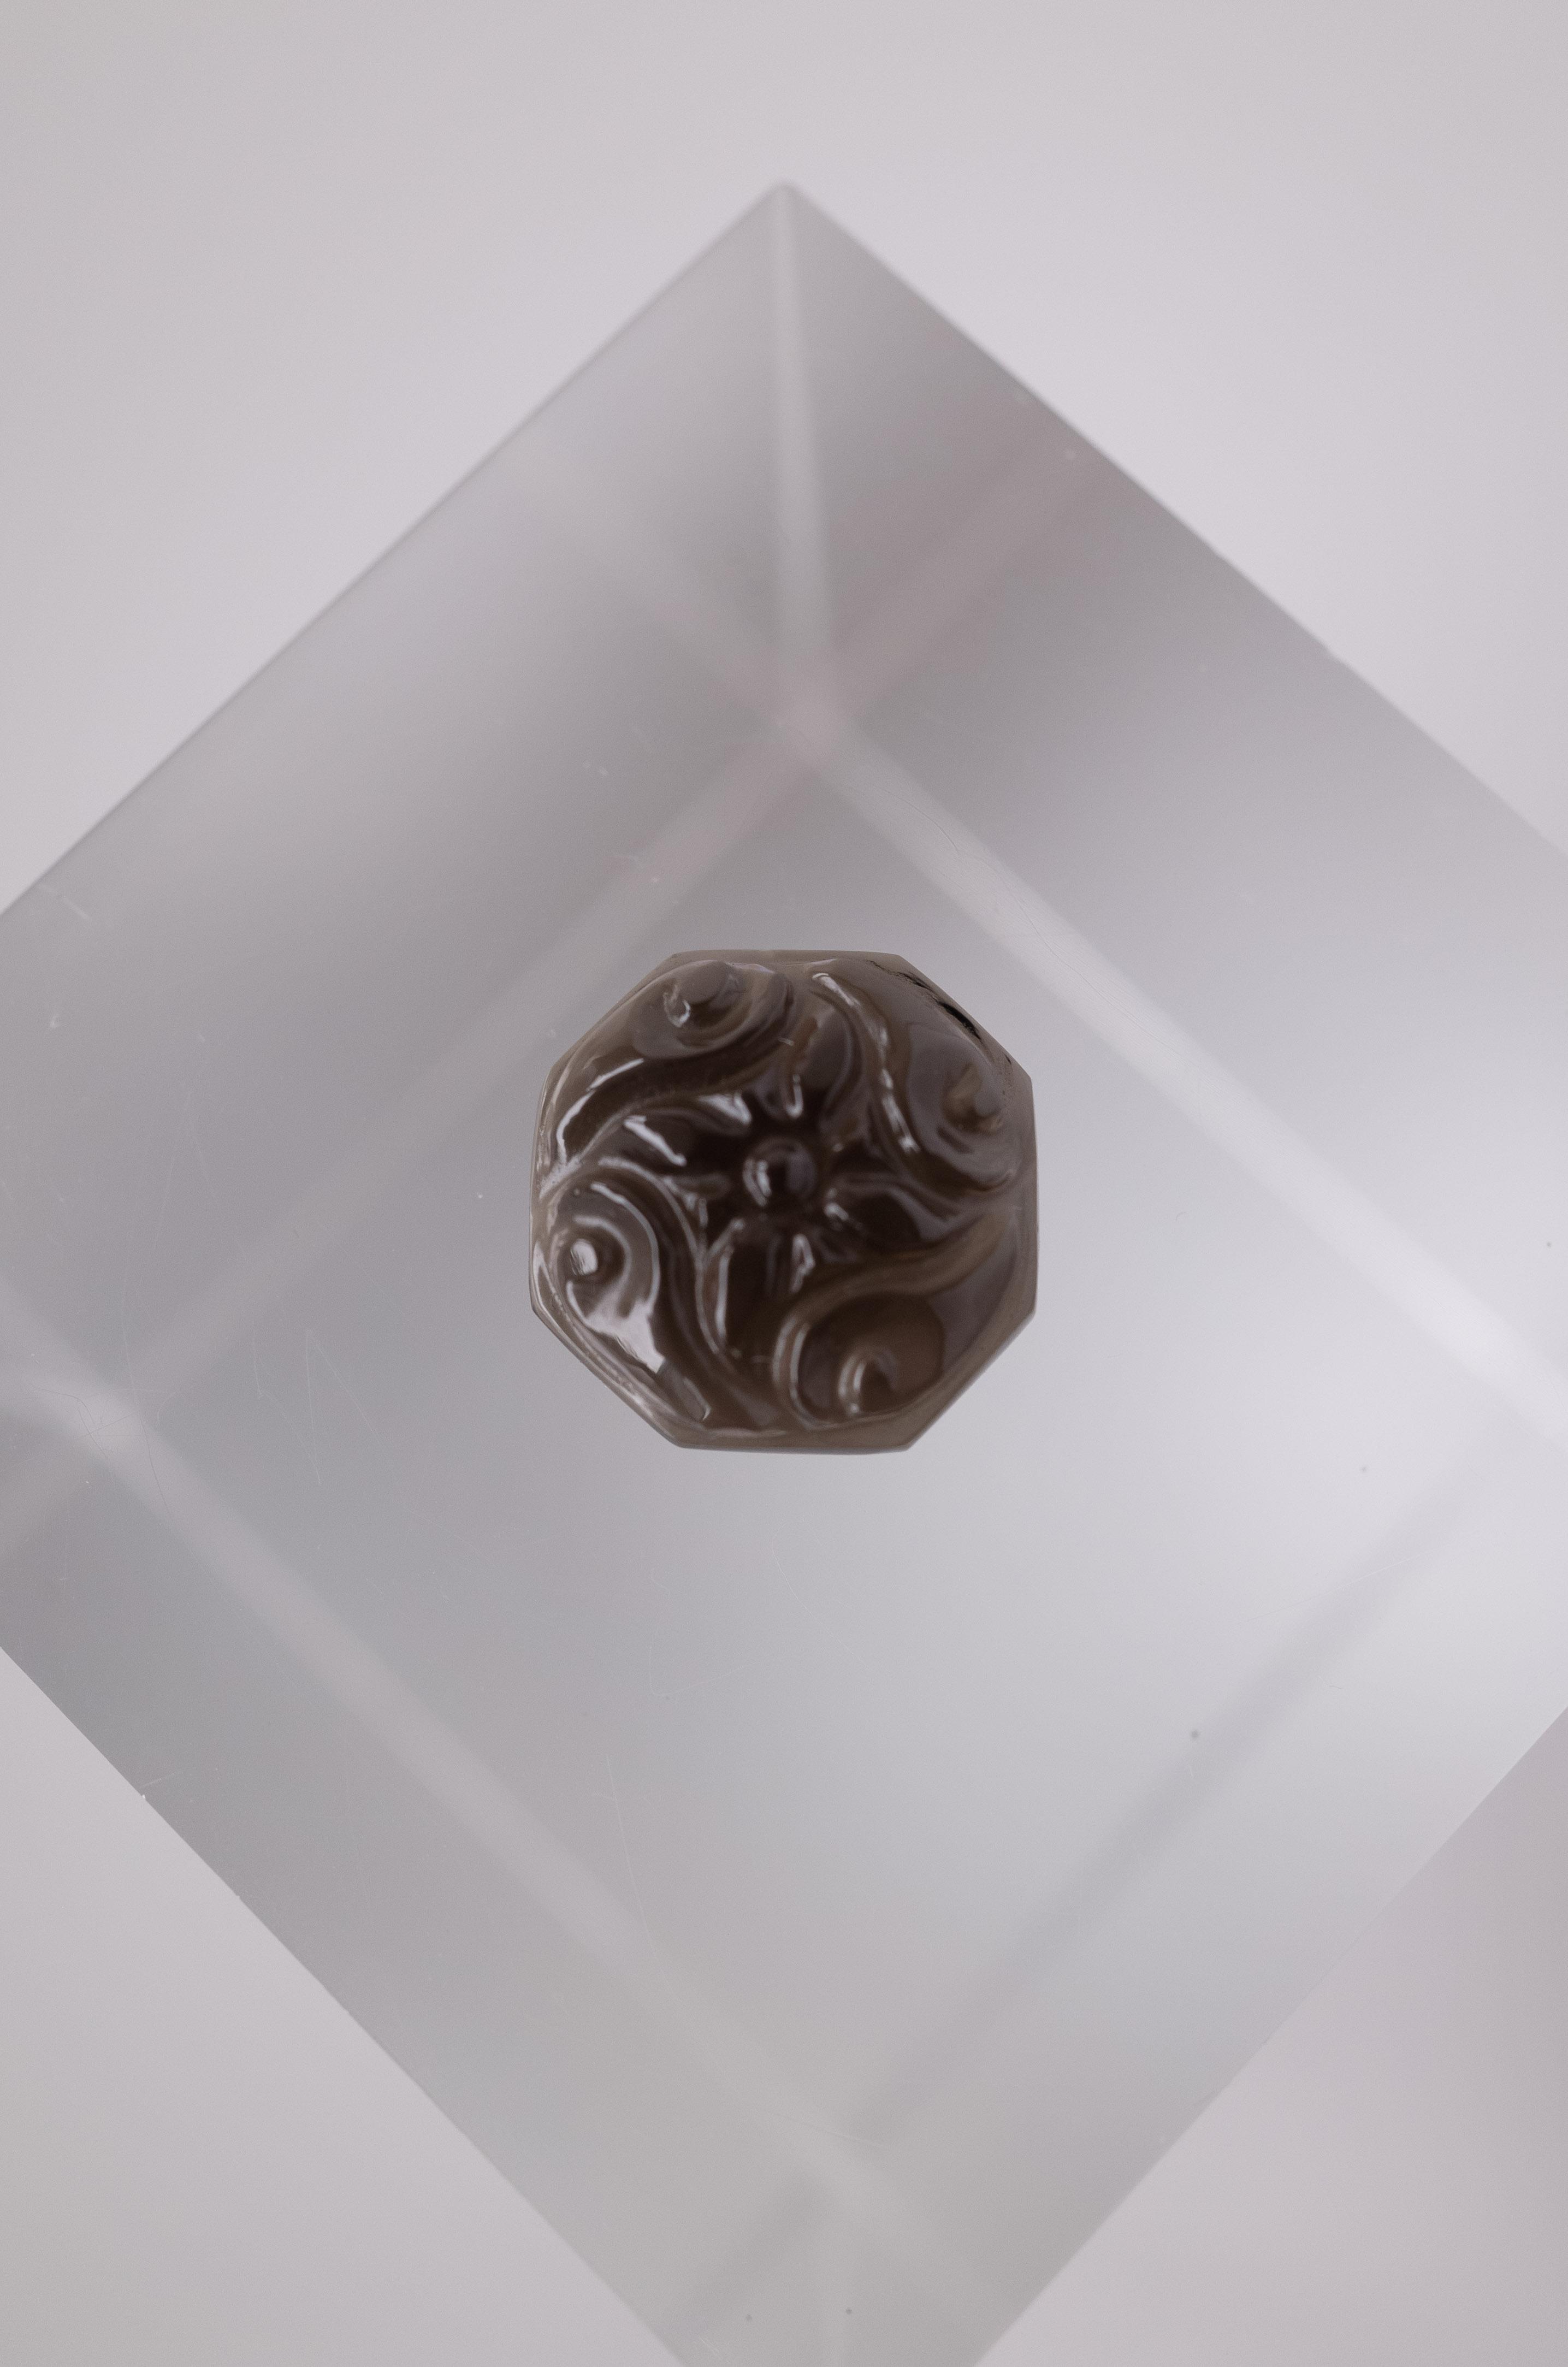 Flower Carving Smoky Quartz - 002